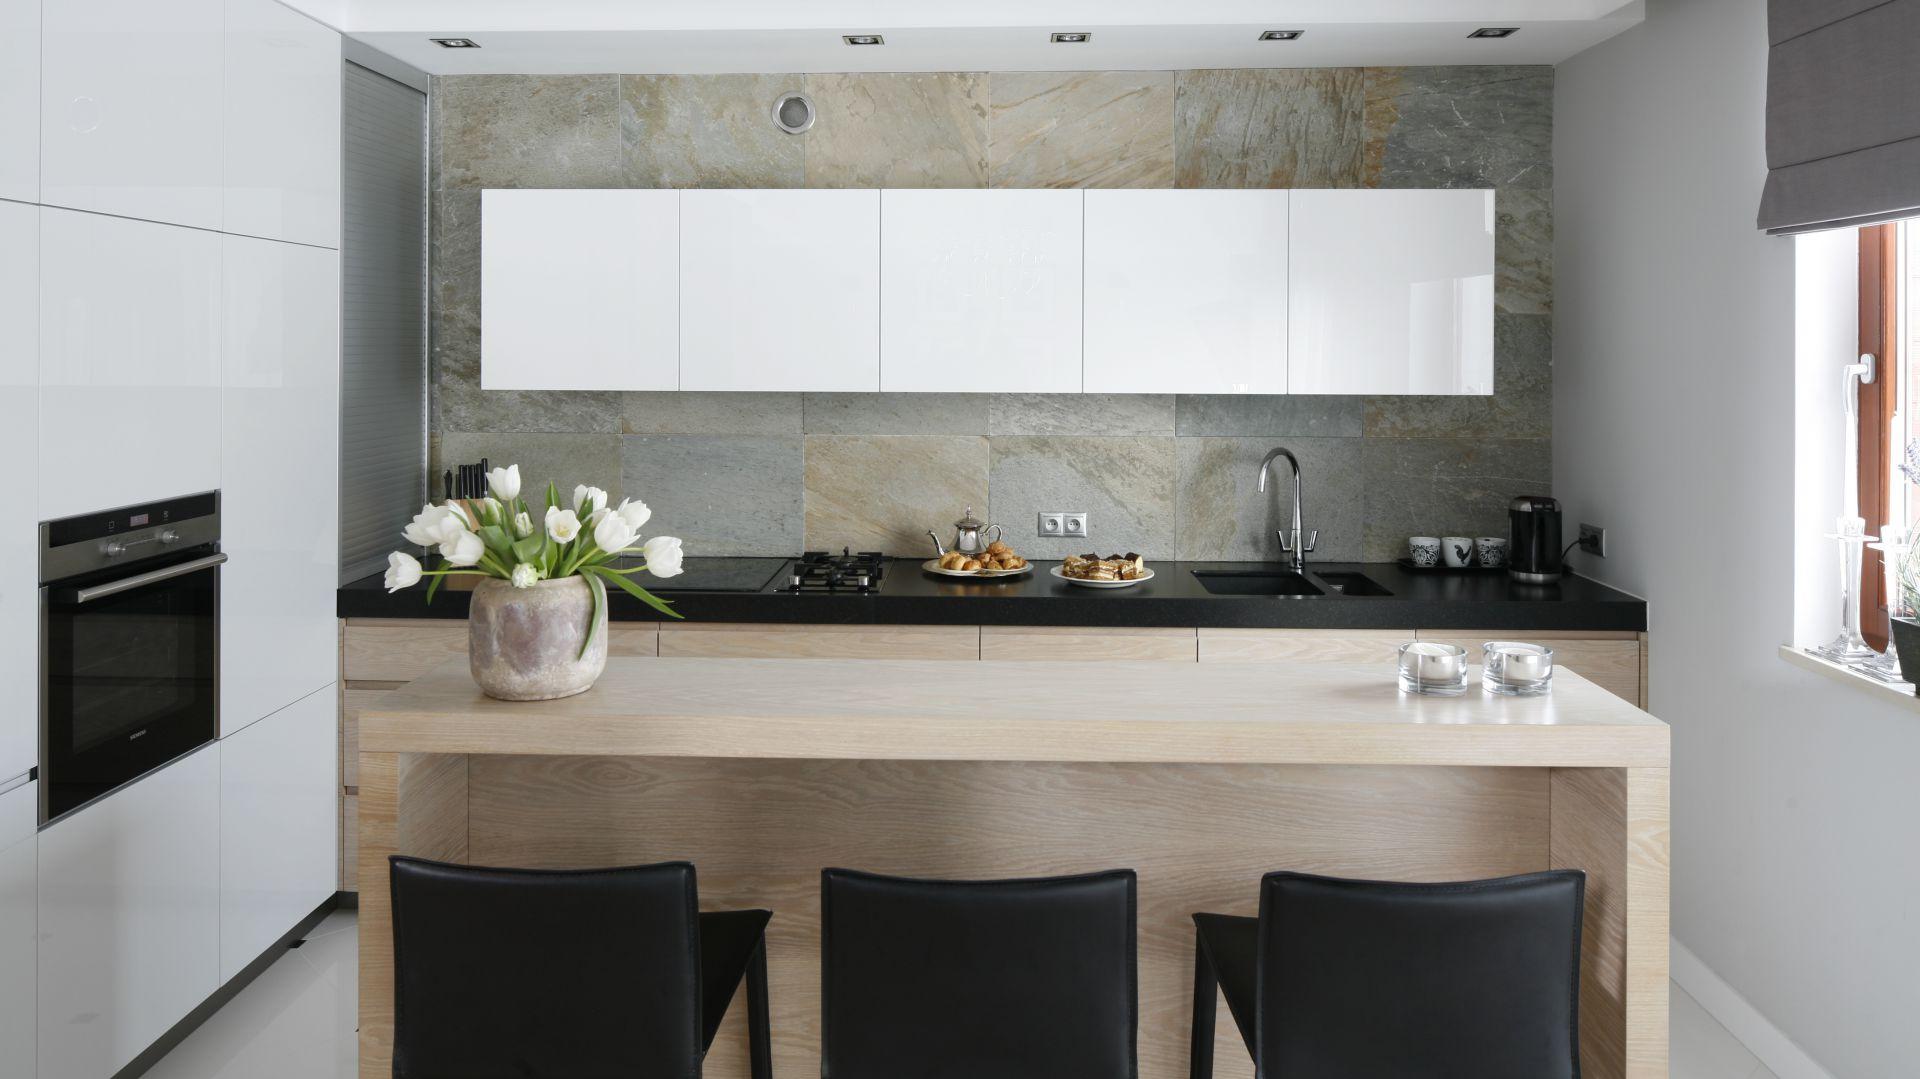 Melanżowa ściana nad blatem ułożona z dekoracyjnego kamienia sprawia, że kuchnia zyskuje elegancki, a zarazem ekologiczny wygląd. Projekt: Magdalena Smyk. Fot. Bartosz Jarosz.